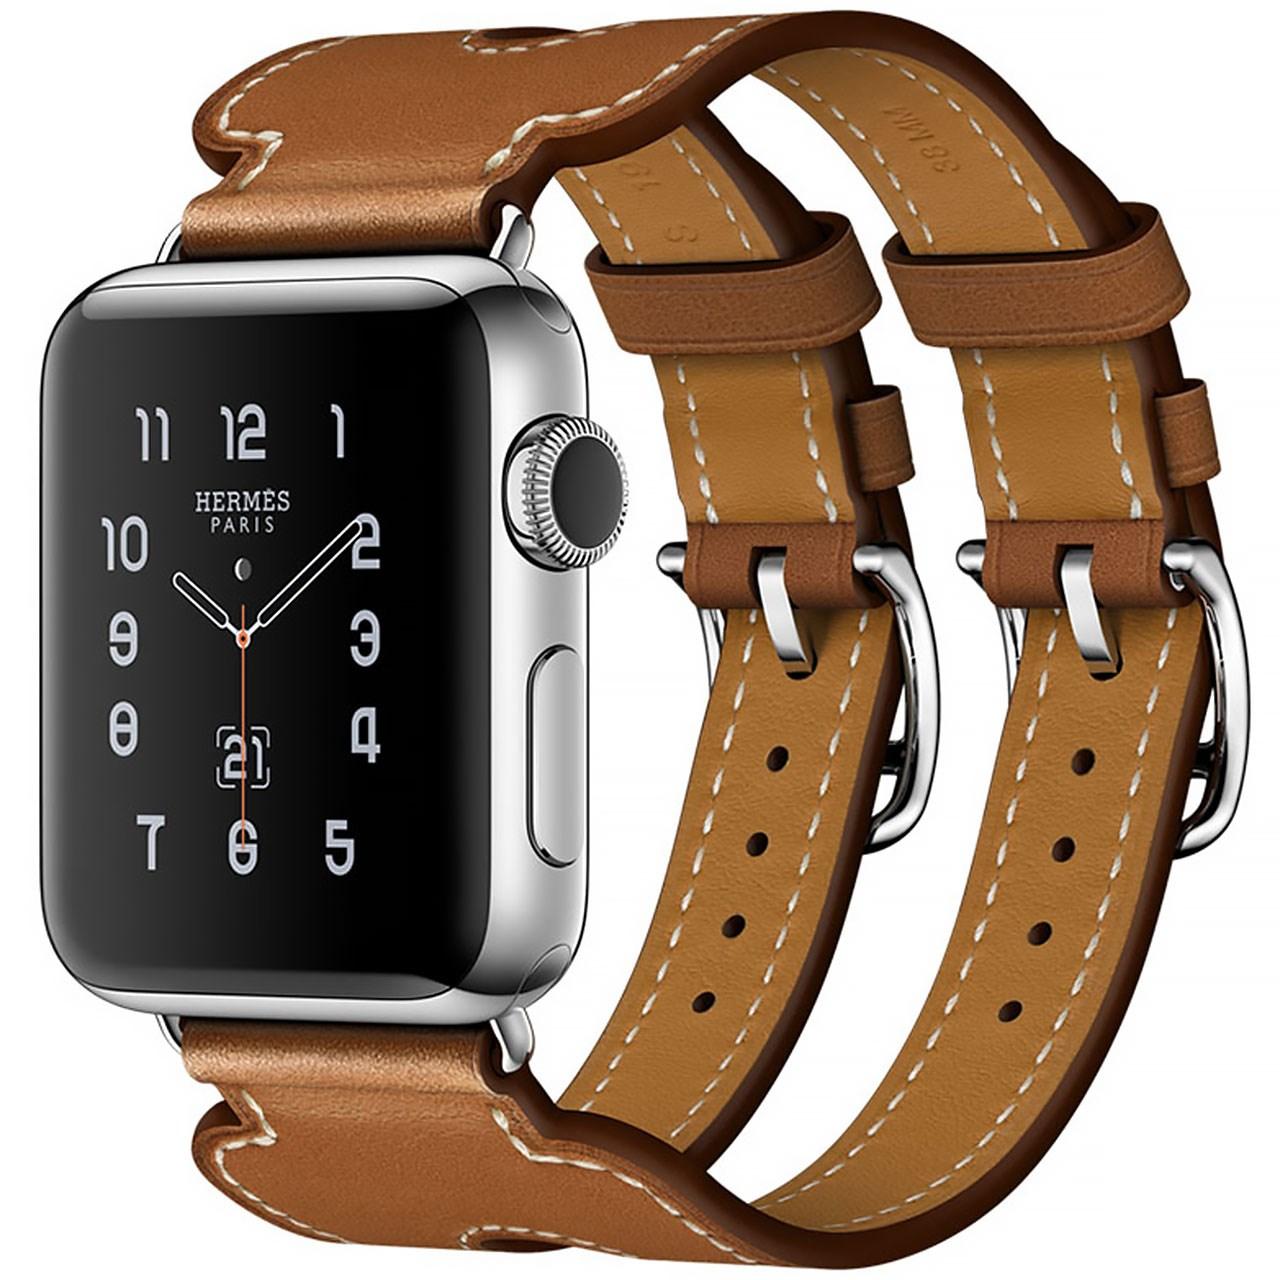 ساعت هوشمند اپل واچ هرمس سری 2  مدل Stainless Steel Case with Fauve Barenia Leather Double Buckle Cuff